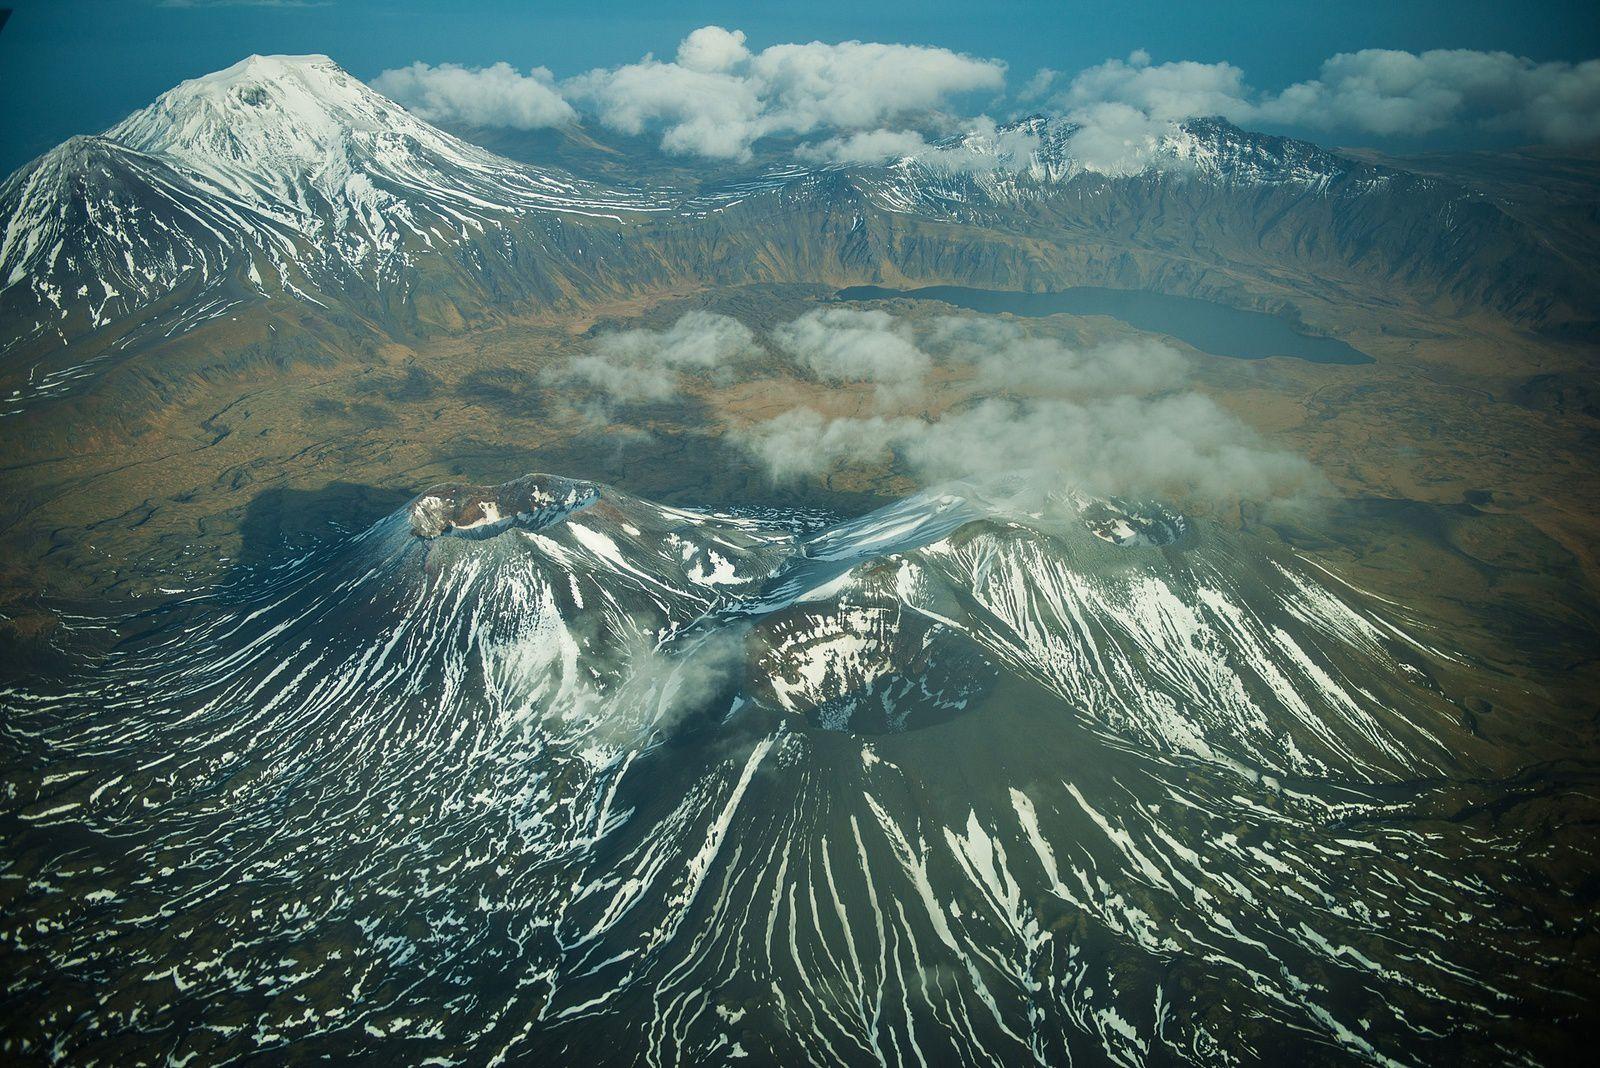 Semisopochnoi - les trois cônes intracaldeira , le lac Fenner en arrière-plan, et à gauche, le peak Anvil  - photo R.Clifford 2012 / AVO